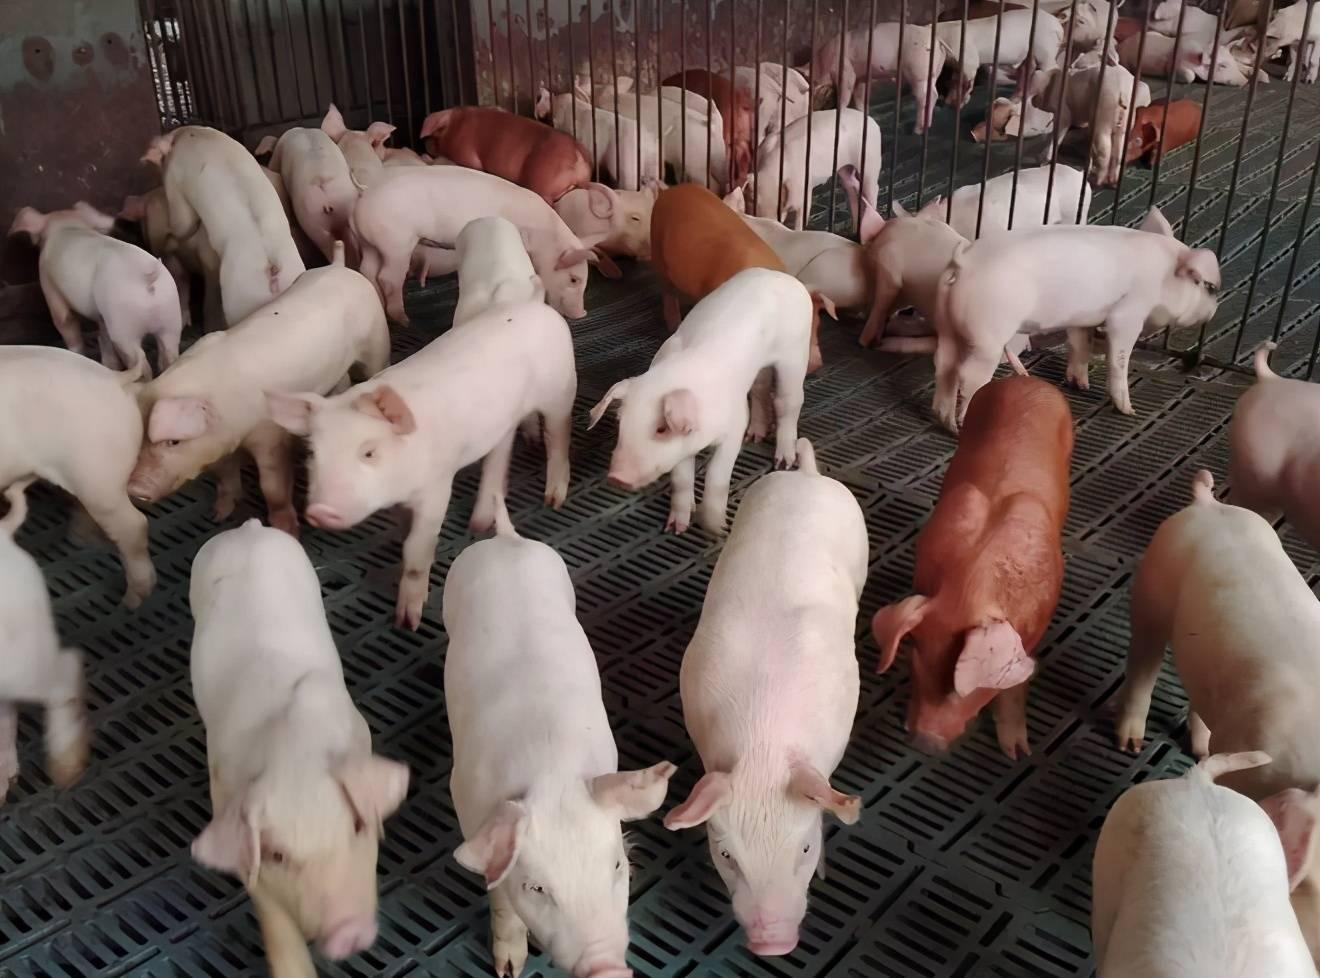 如何治疗原断奶仔猪水泻?断奶仔猪水泻用什么药?